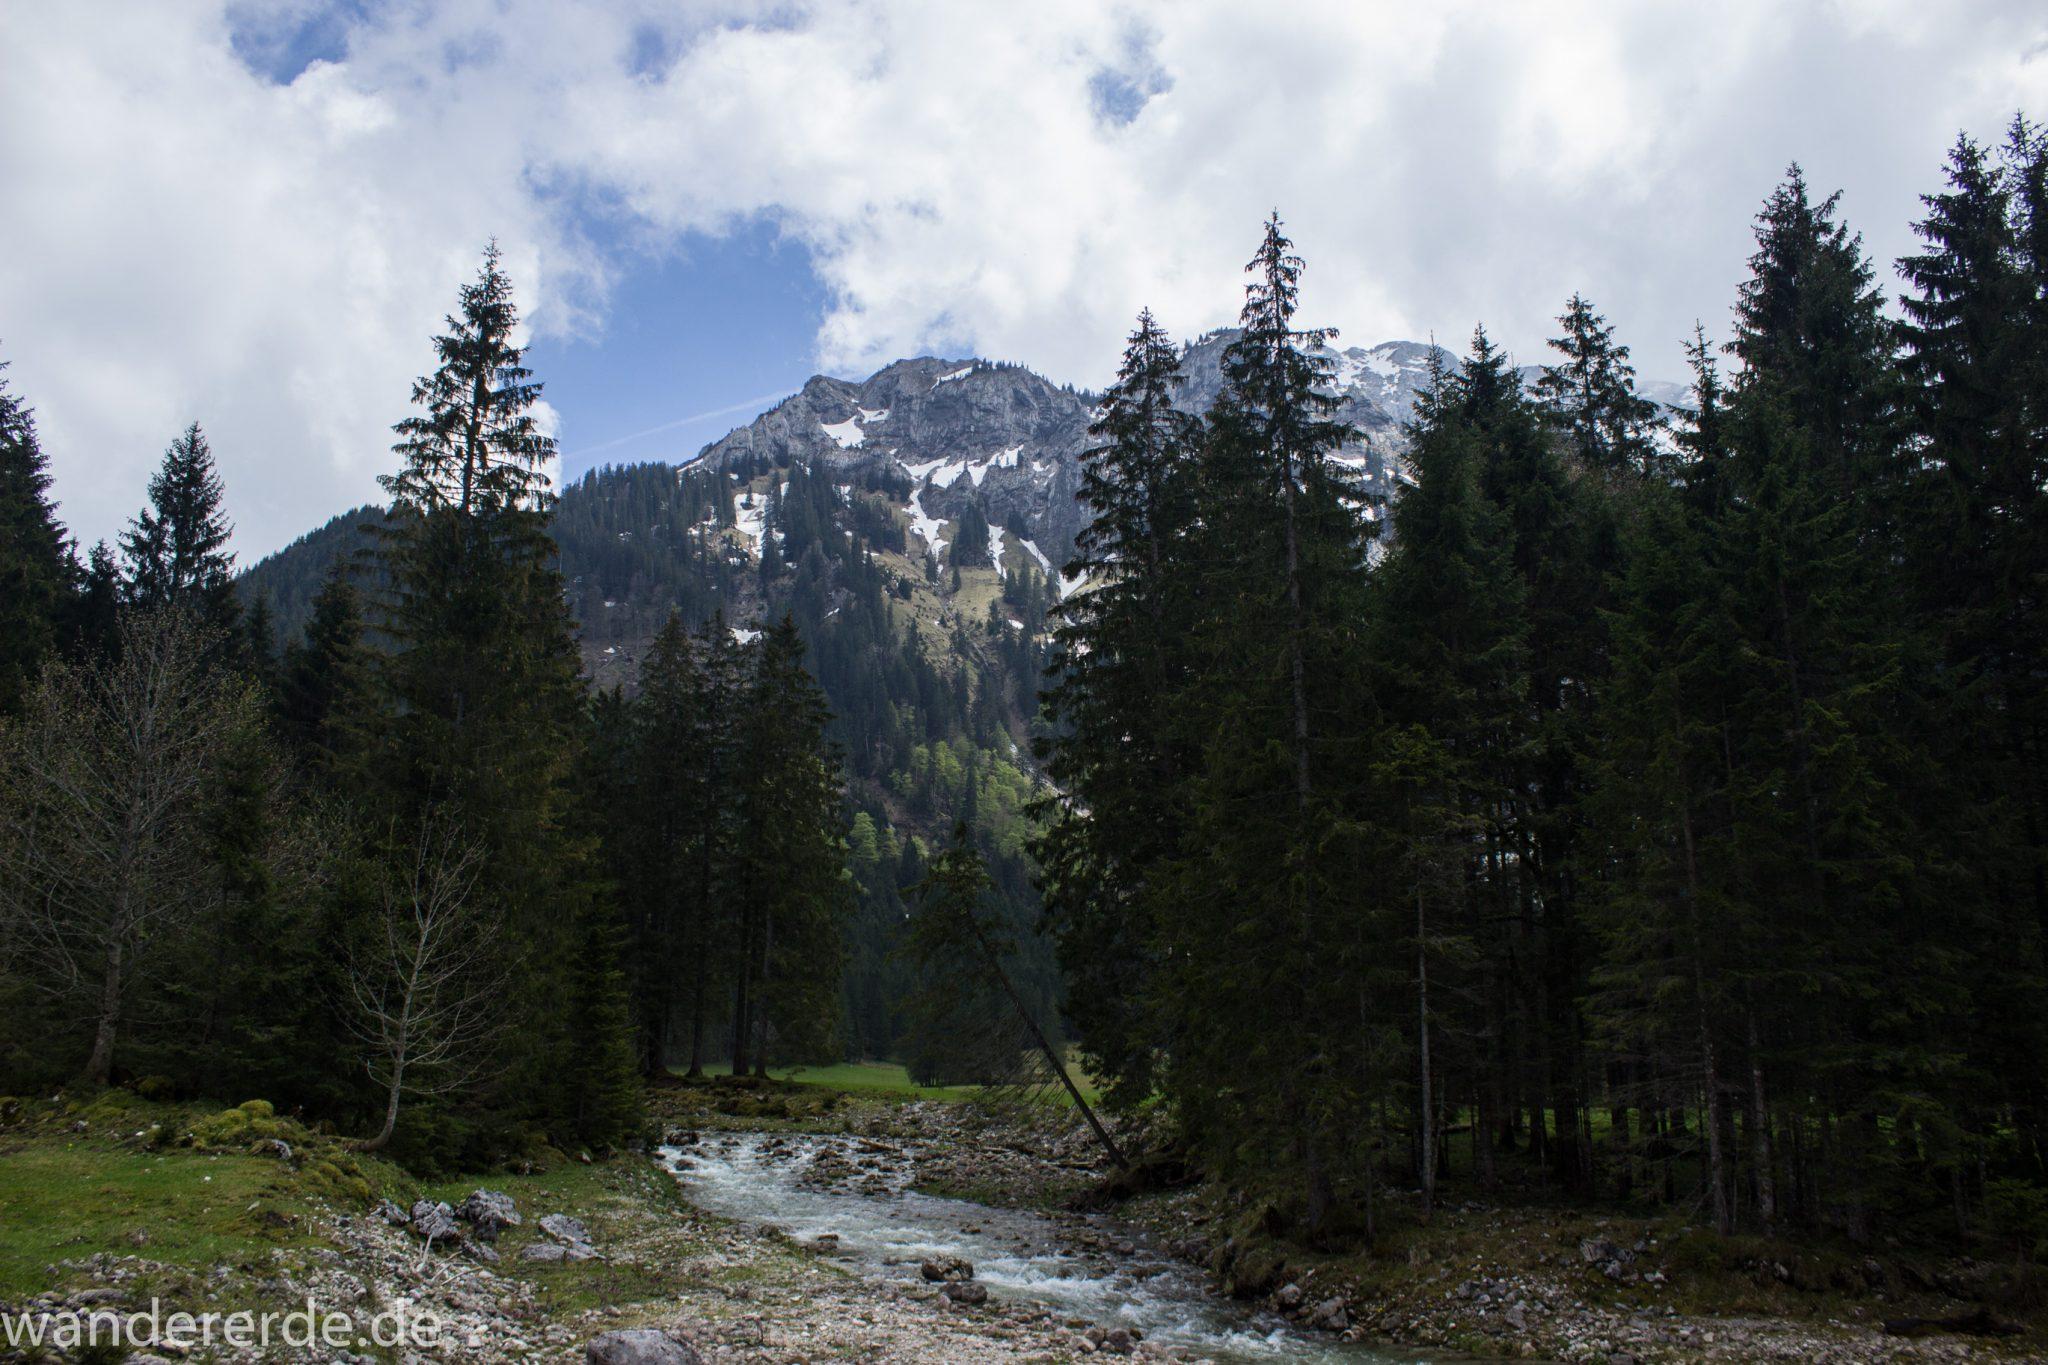 Wanderung zur Kenzenhütte in den Ammergauer Alpen, Aussicht auf die Berge, teils schneebedeckte Gipfel in Wolken gehüllt, Frühjahr in den bayerischen Alpen, dichter grüner Wald und saftige Wiesen, Wanderweg oftmals am schönen, idyllischem Bach entlang